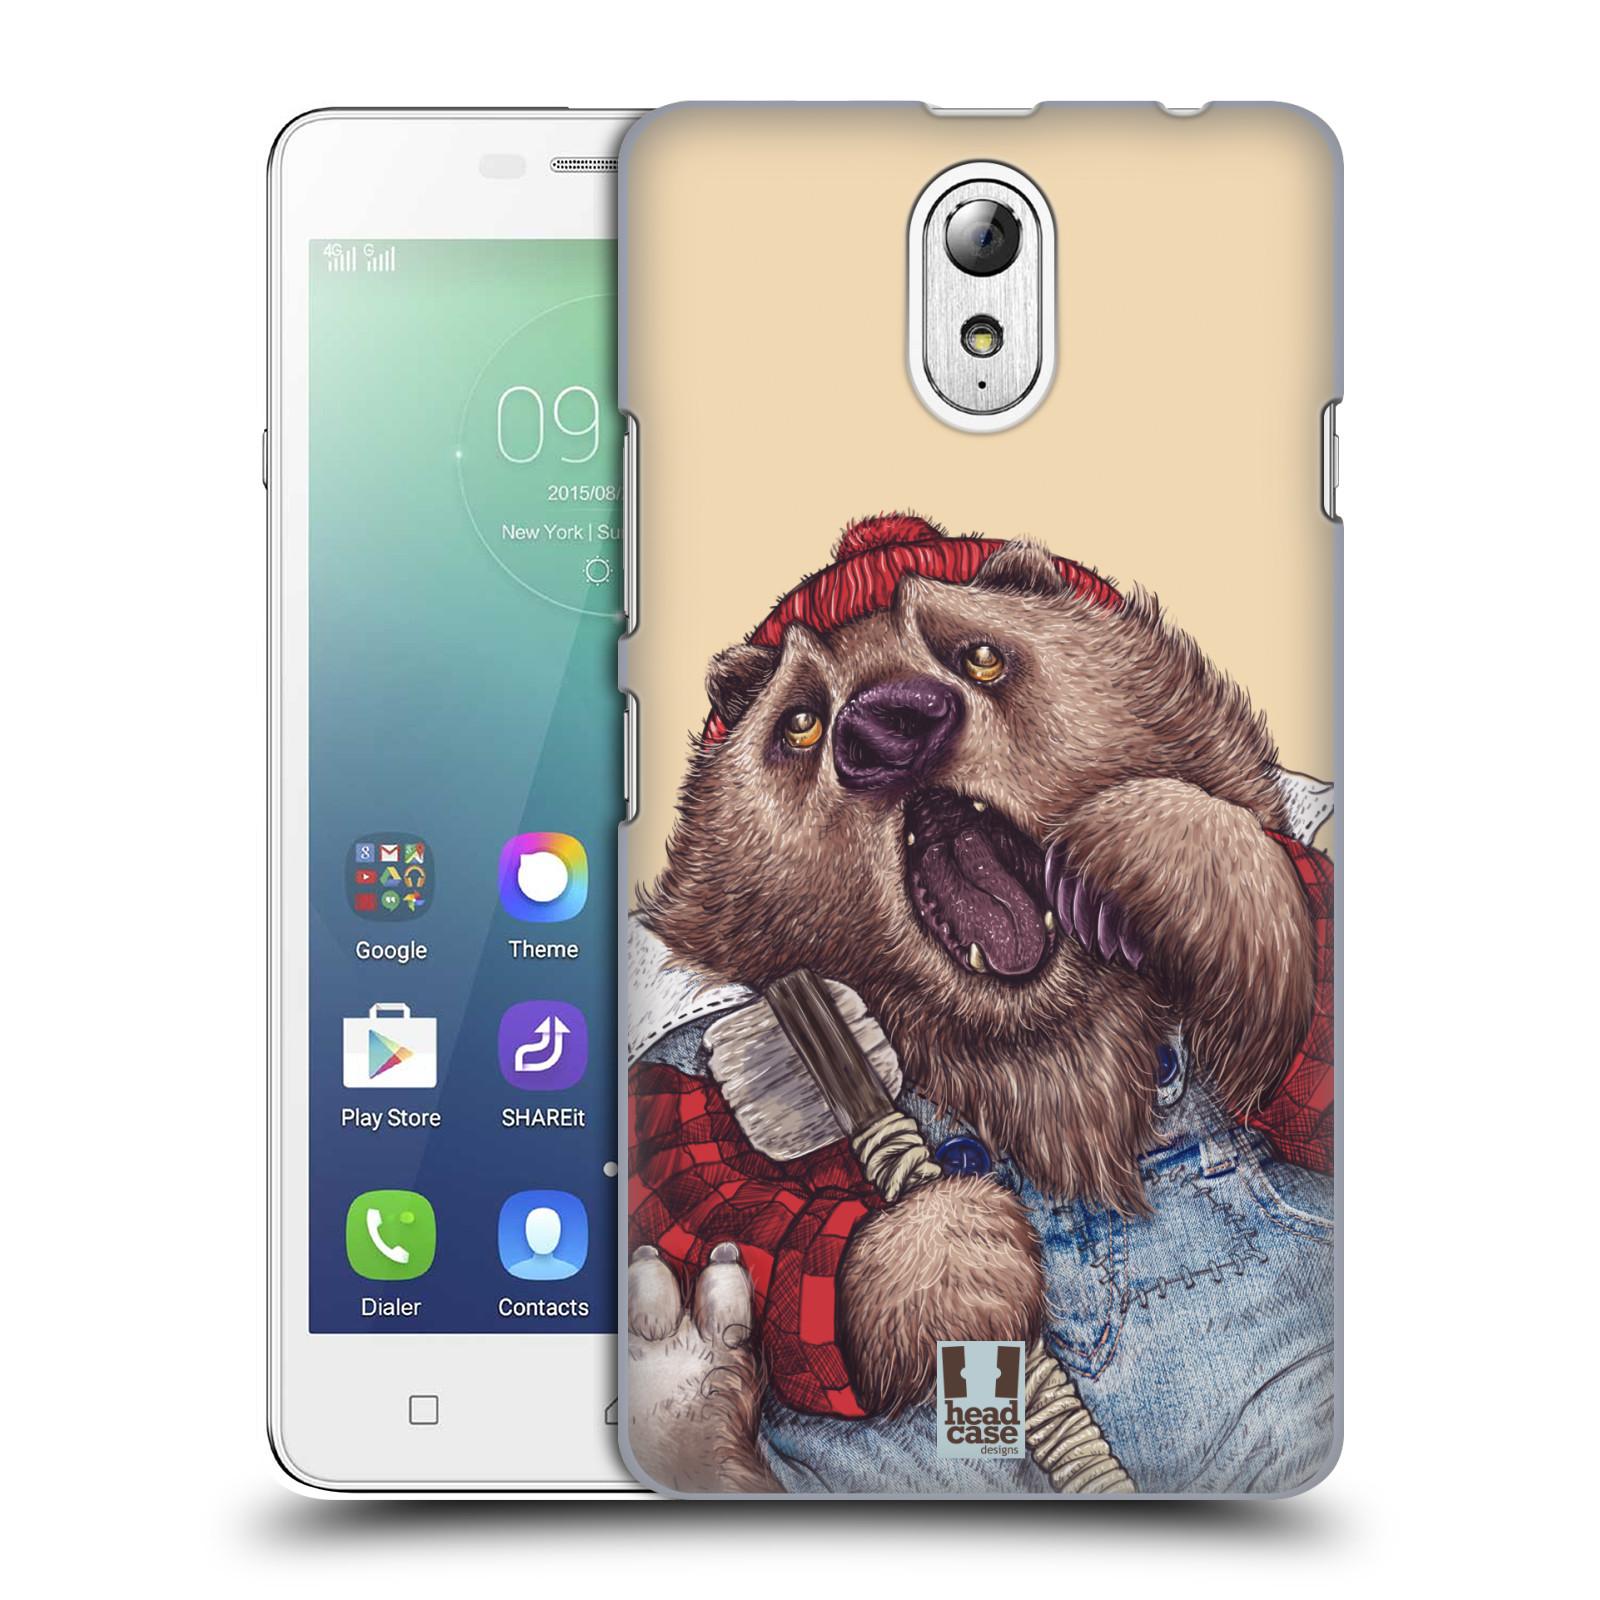 HEAD CASE pevný plastový obal na mobil LENOVO VIBE P1m / LENOVO VIBE p1m DUAL SIM vzor Kreslená zvířátka medvěd